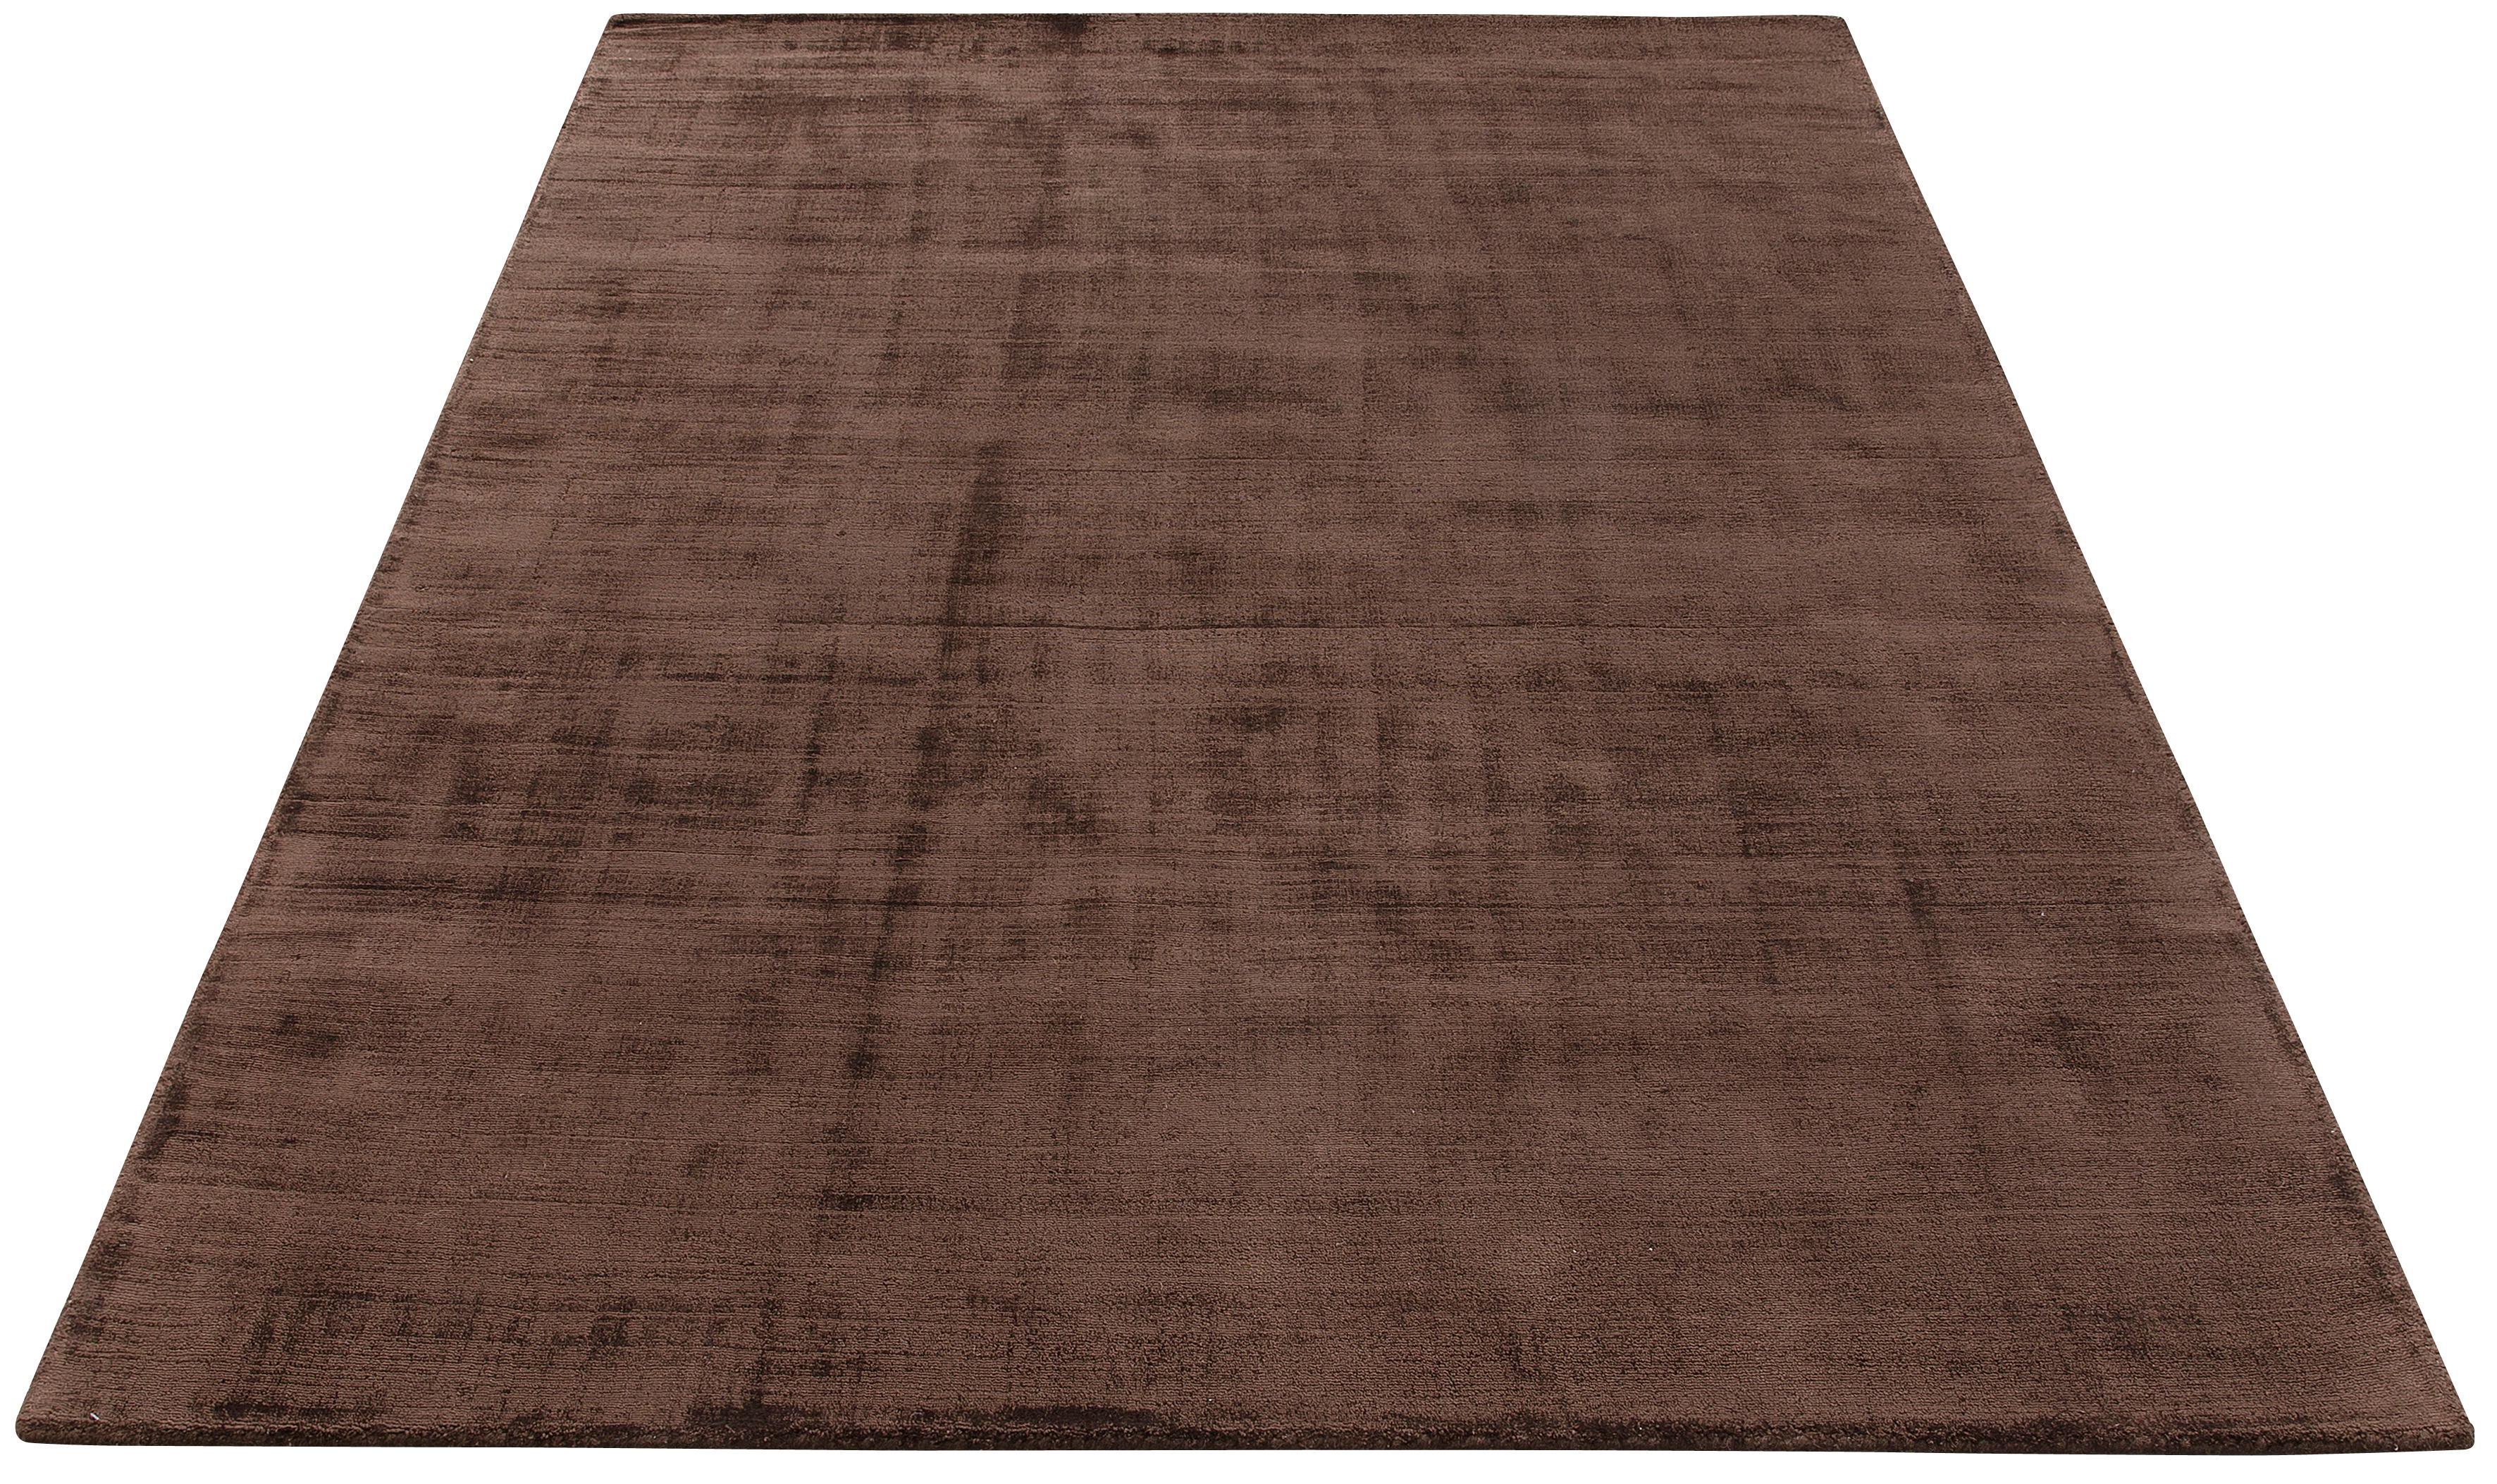 Teppich Shirley my home rechteckig Höhe 12 mm handgewebt